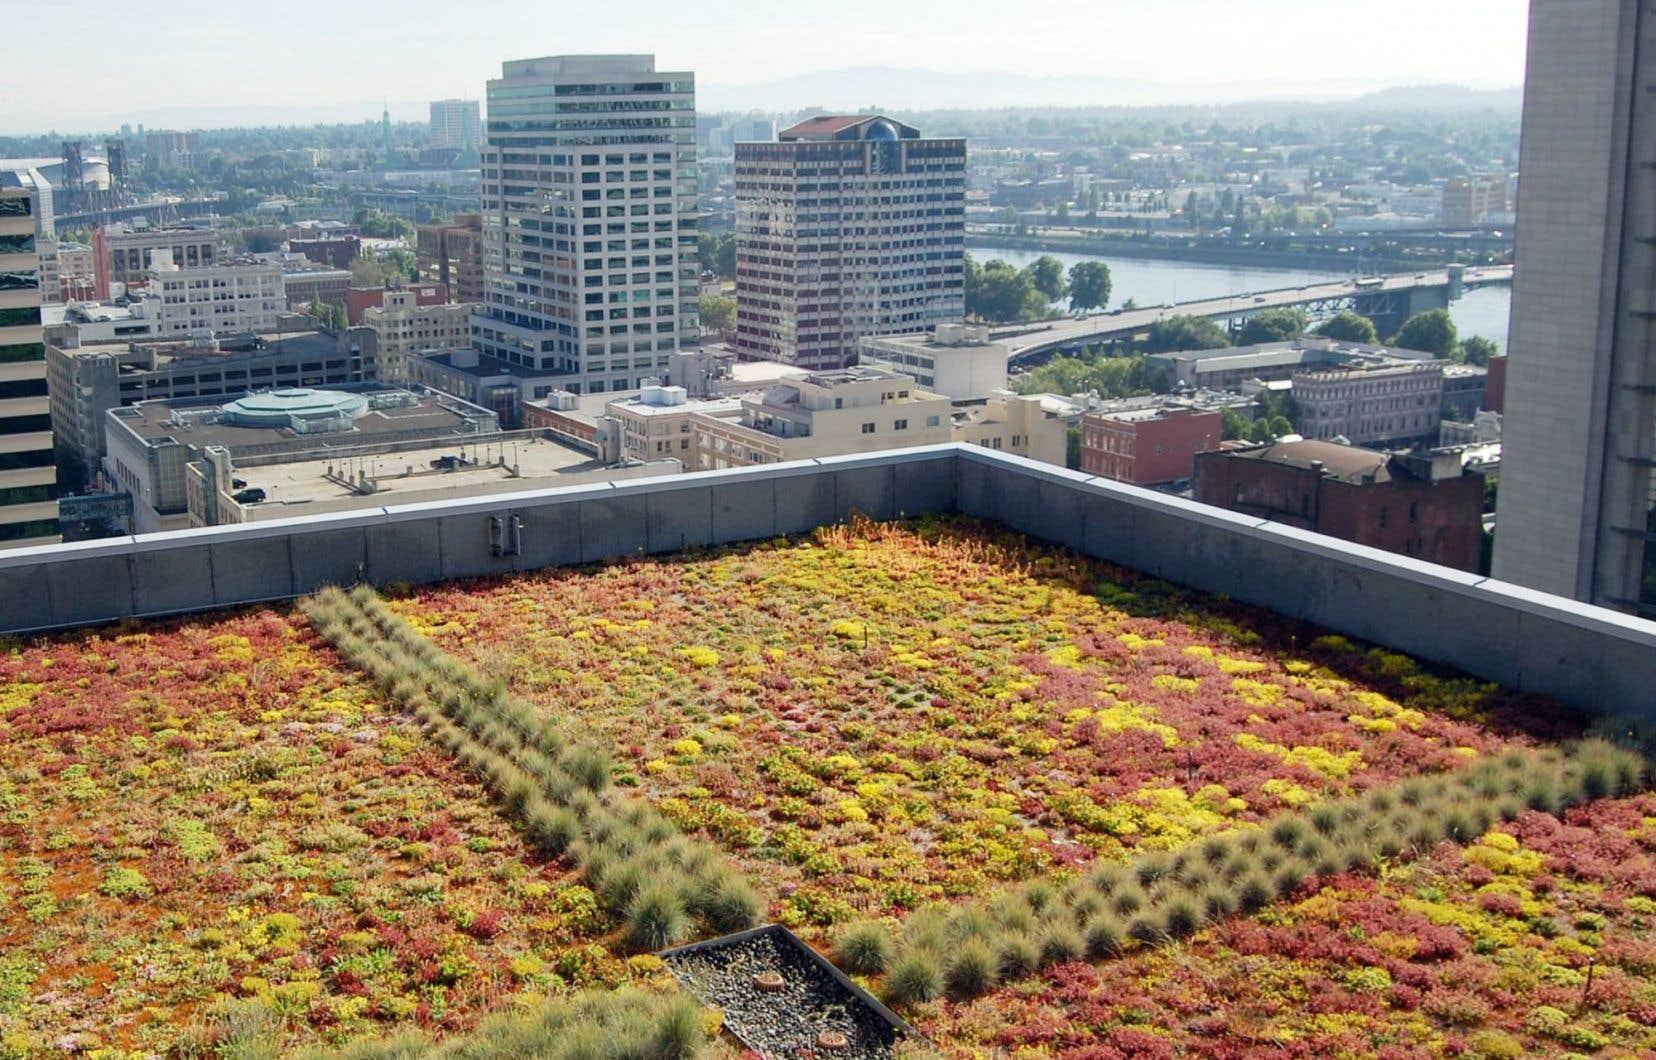 Depuis 2008, à Portland, dans l'Ouest américain, 50millions ont été investis et 15 hectares de toits verts et de jardins sur les toits ont été aménagés. Le paysage de la ville en a été transformé.